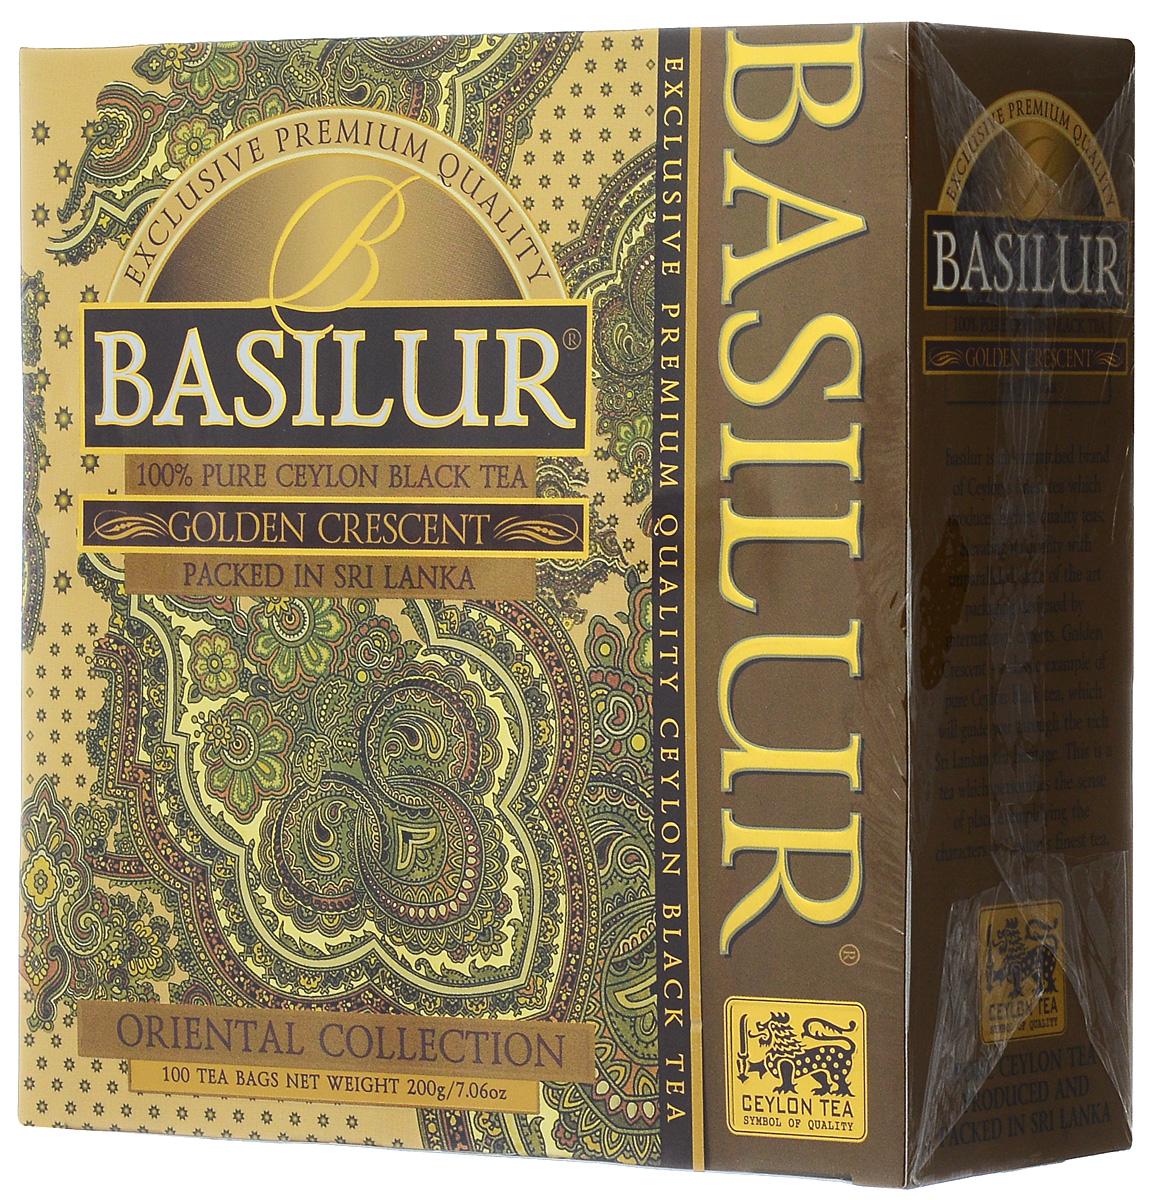 где купить Basilur Golden Crescent черный чай в пакетиках, 100 шт по лучшей цене